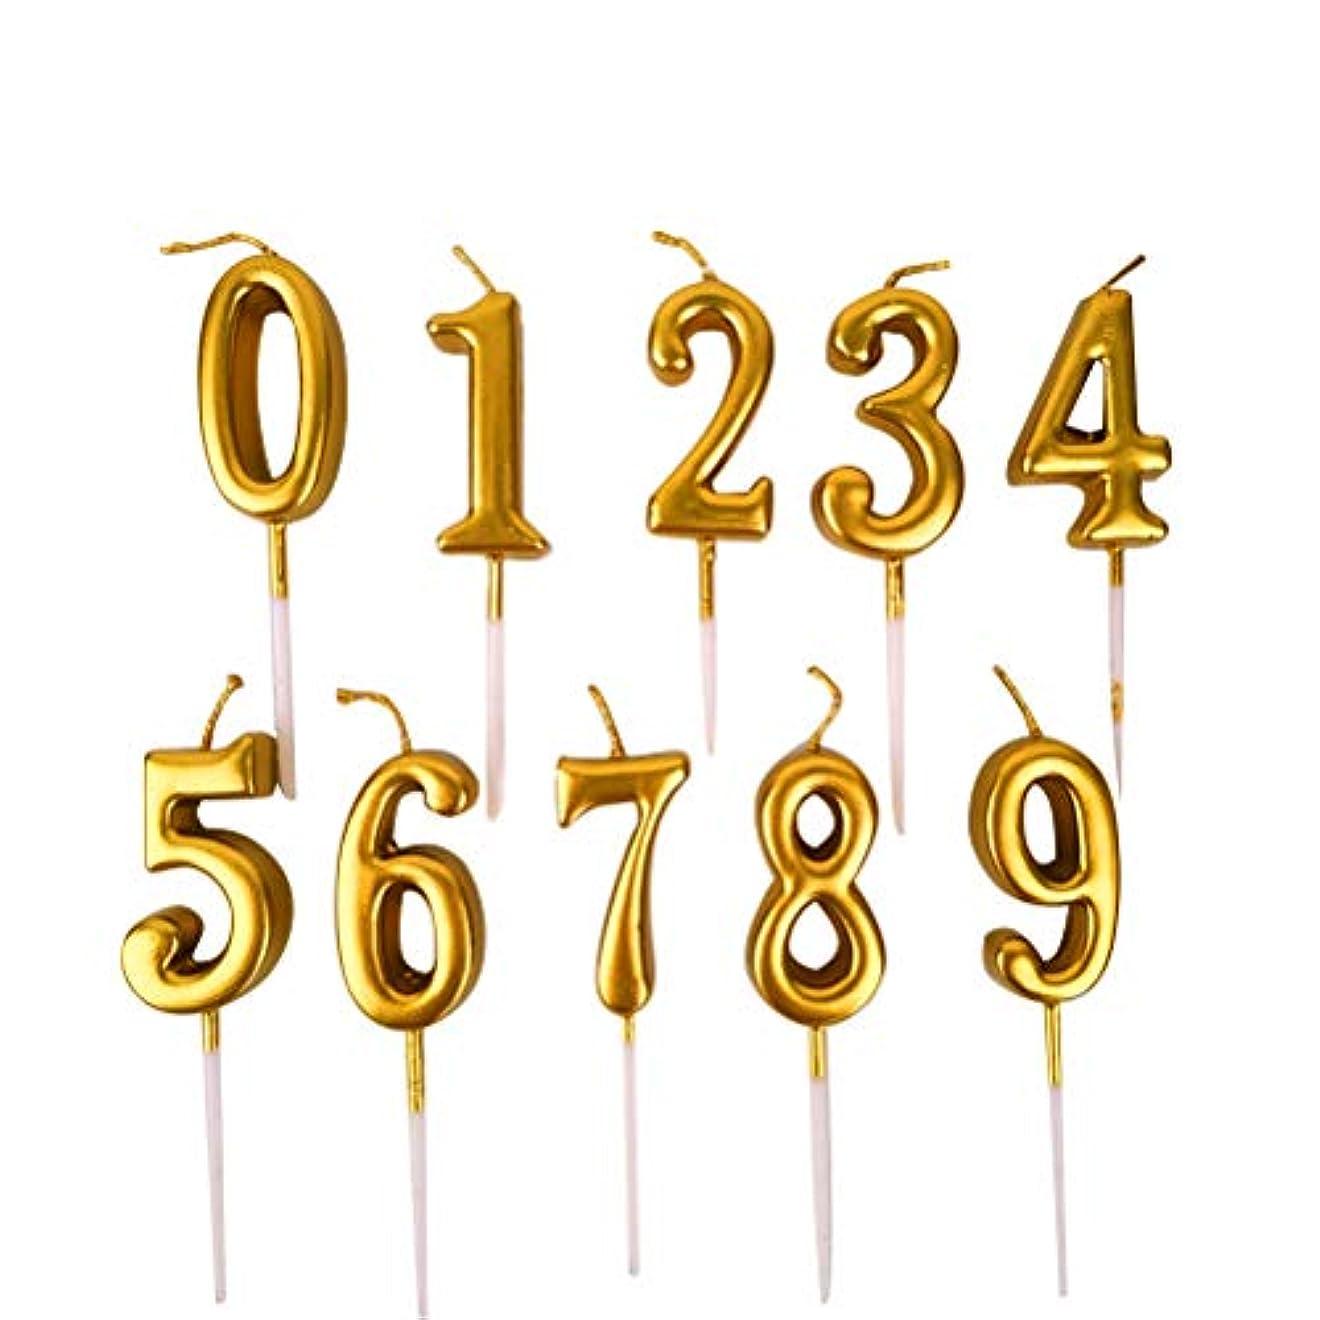 メダリスト扱う考えるNUOBESTY 誕生日数字キャンドル、10ピース番号0-9グリッターケーキトッパー装飾用誕生日パーティーの好意